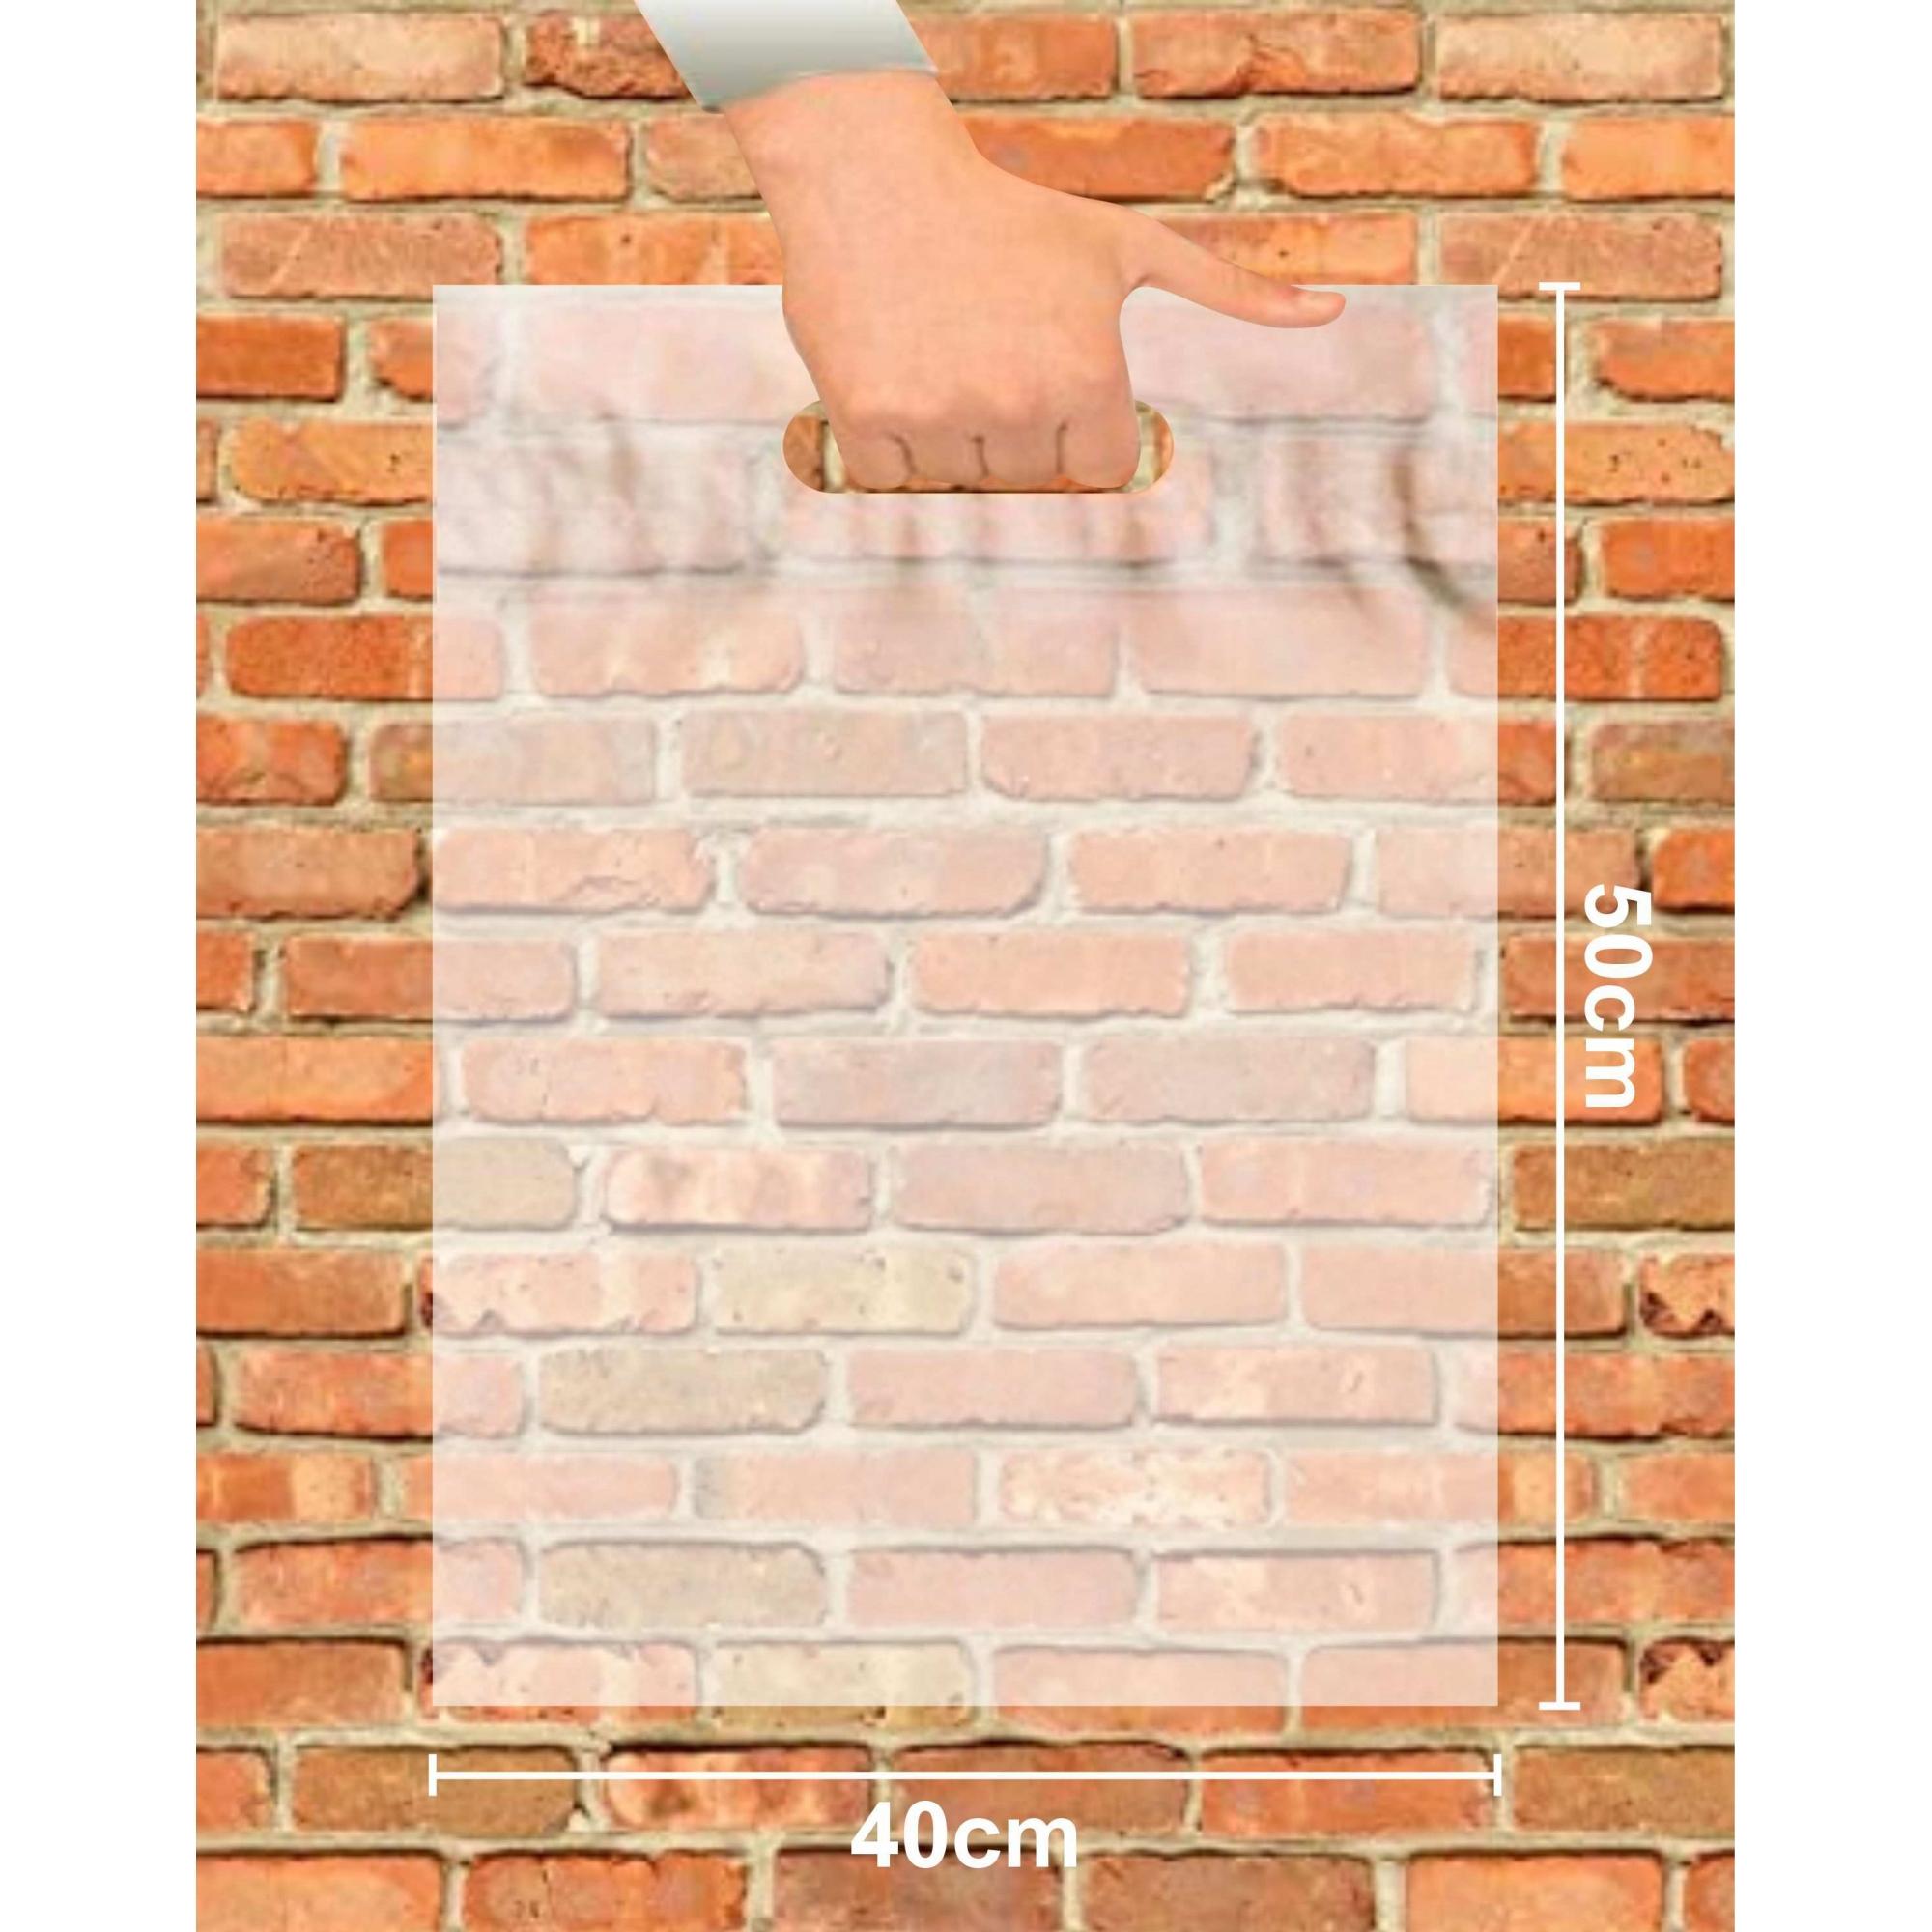 Sacola Plástica 40x50 Transparente Alça Boca de Palhaço 100 Unidades